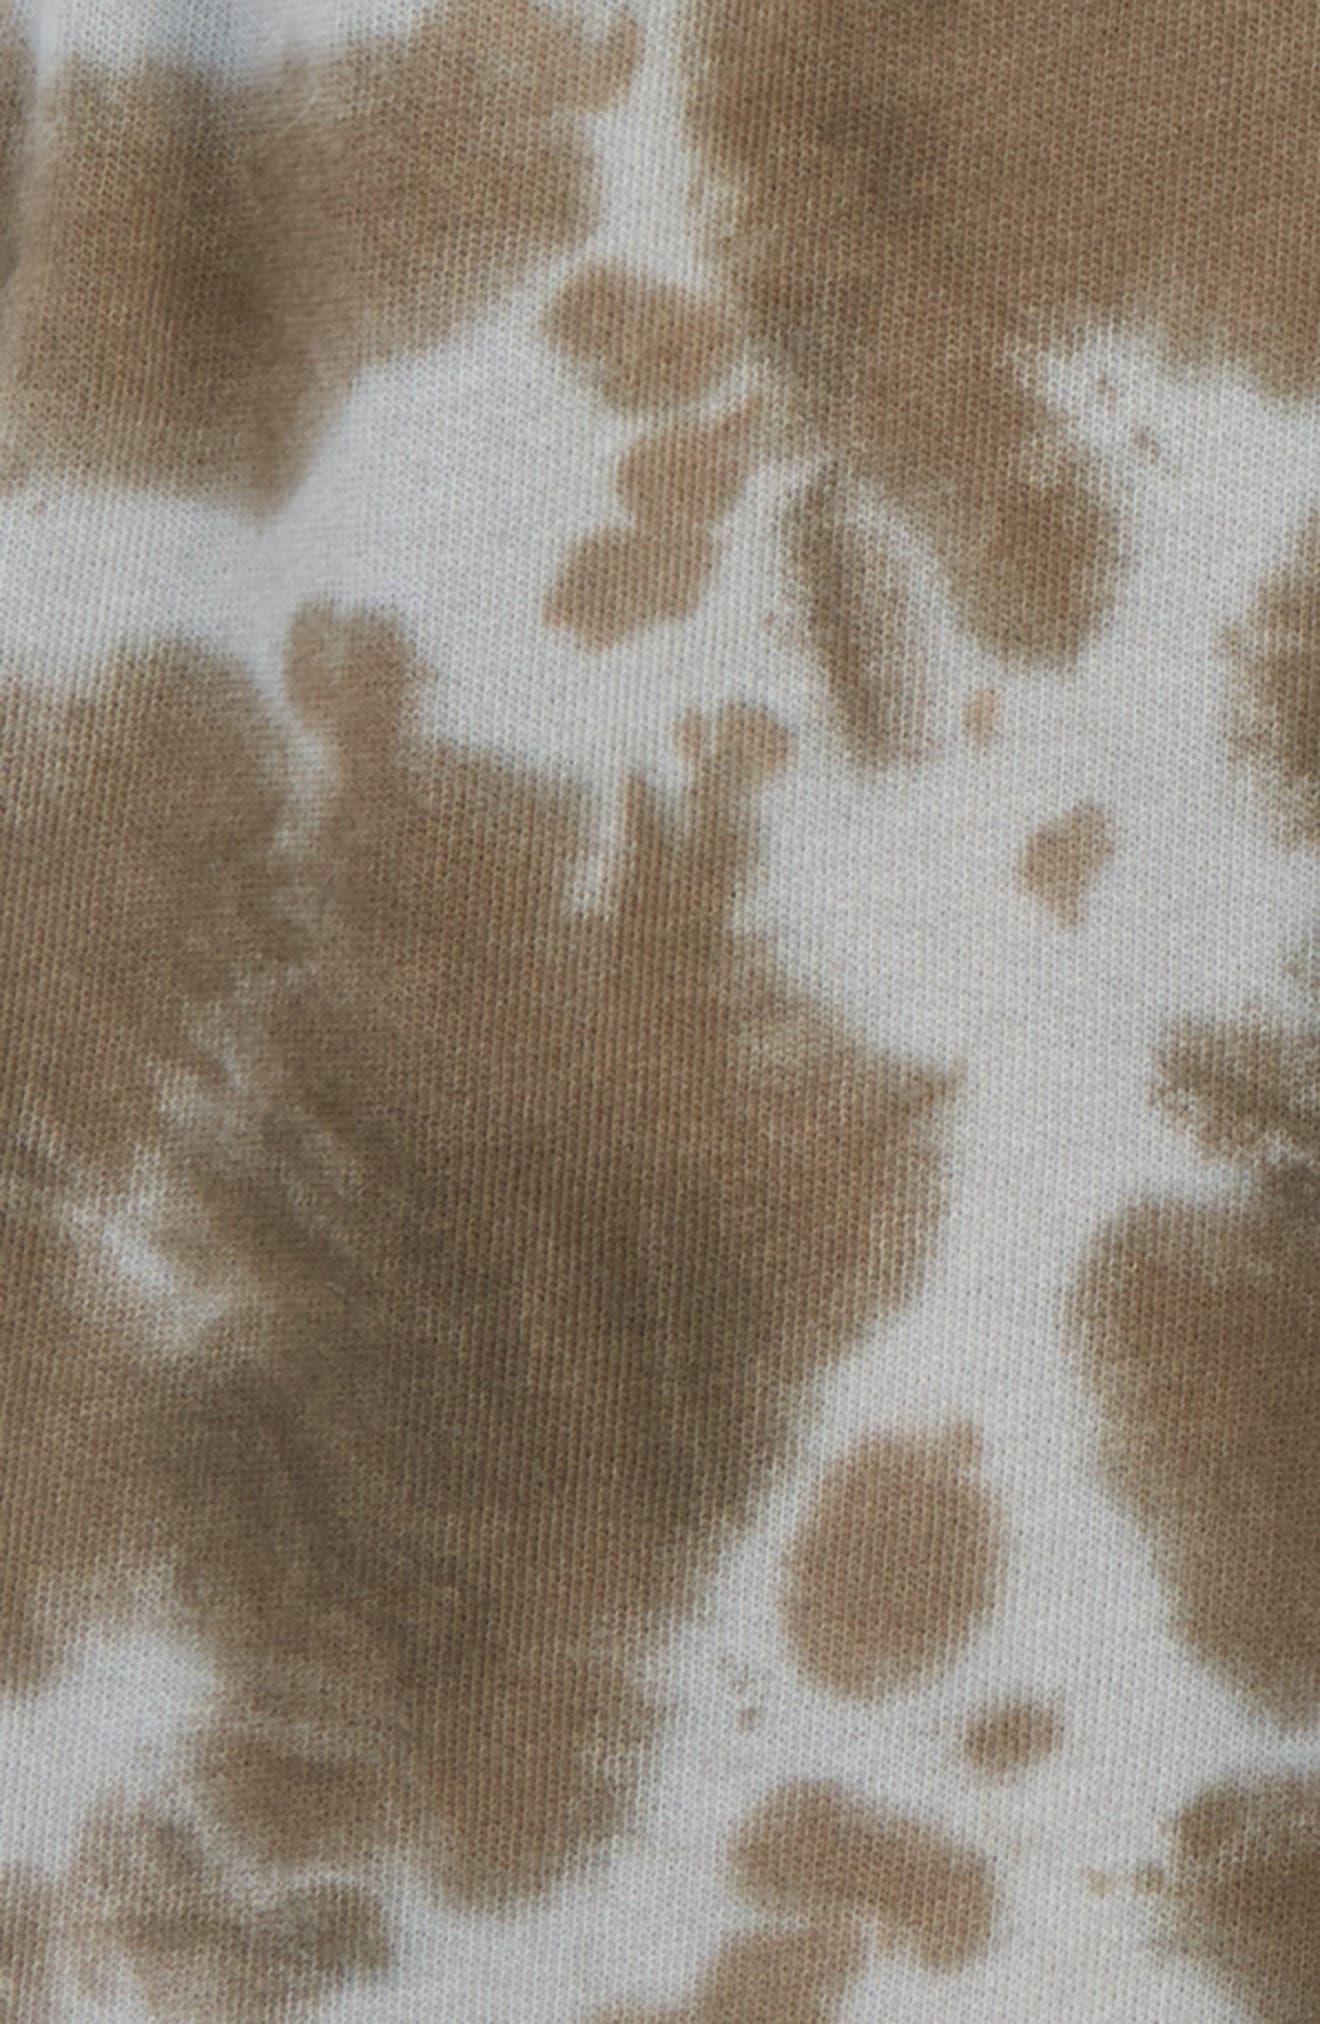 Tie Dye Knit Shorts,                             Alternate thumbnail 2, color,                             Grey Asphalt Tie Dye